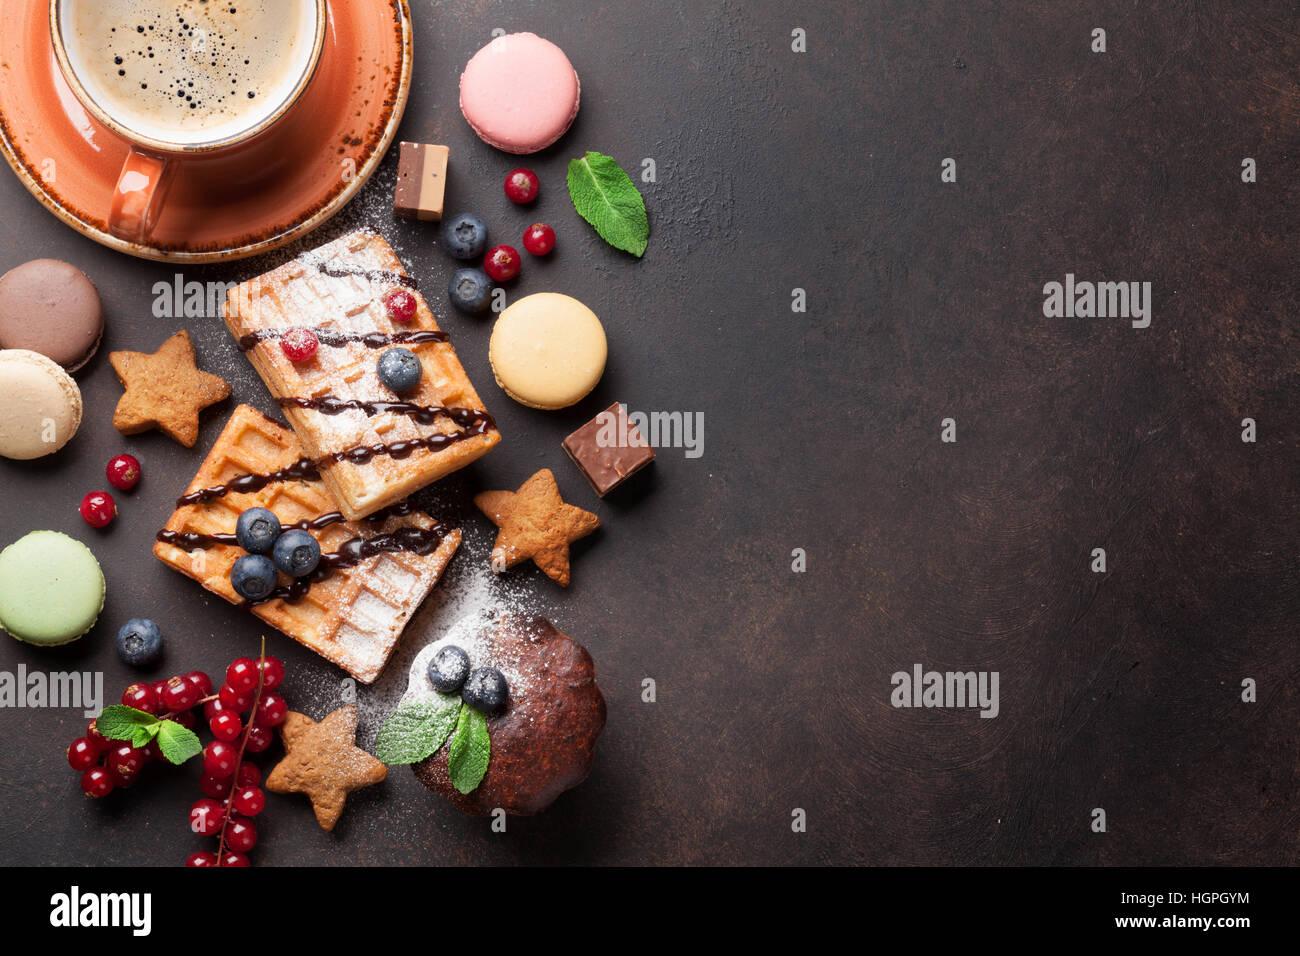 Café con galletas y dulces. Vista superior con espacio para copiar el texto Imagen De Stock